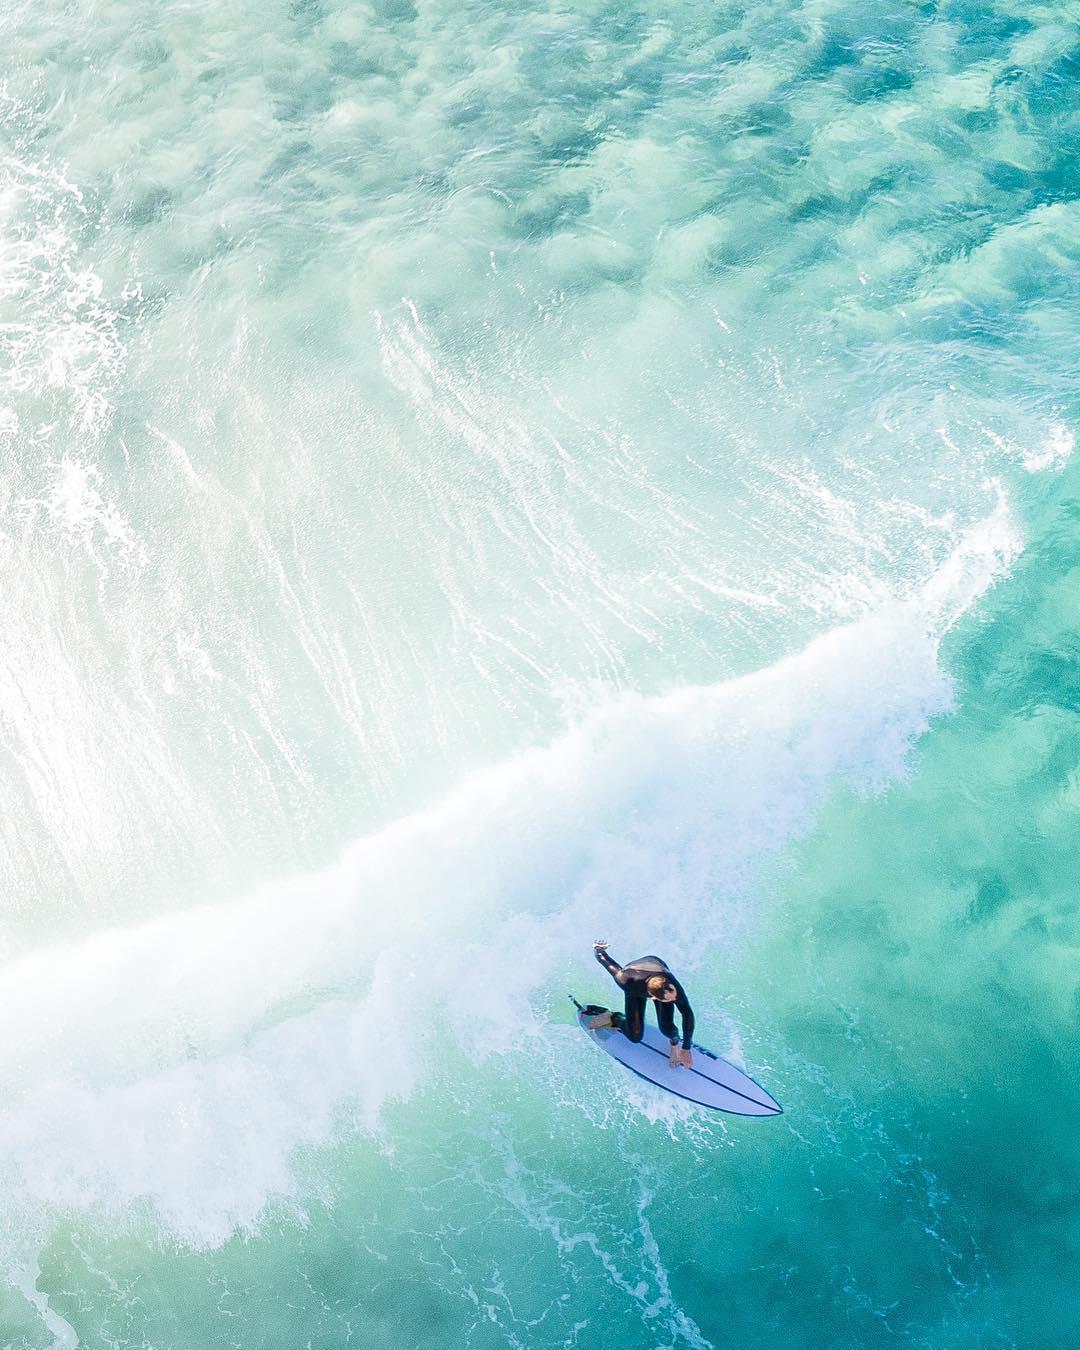 Австралия на аэрофотоснимках от Честера Си